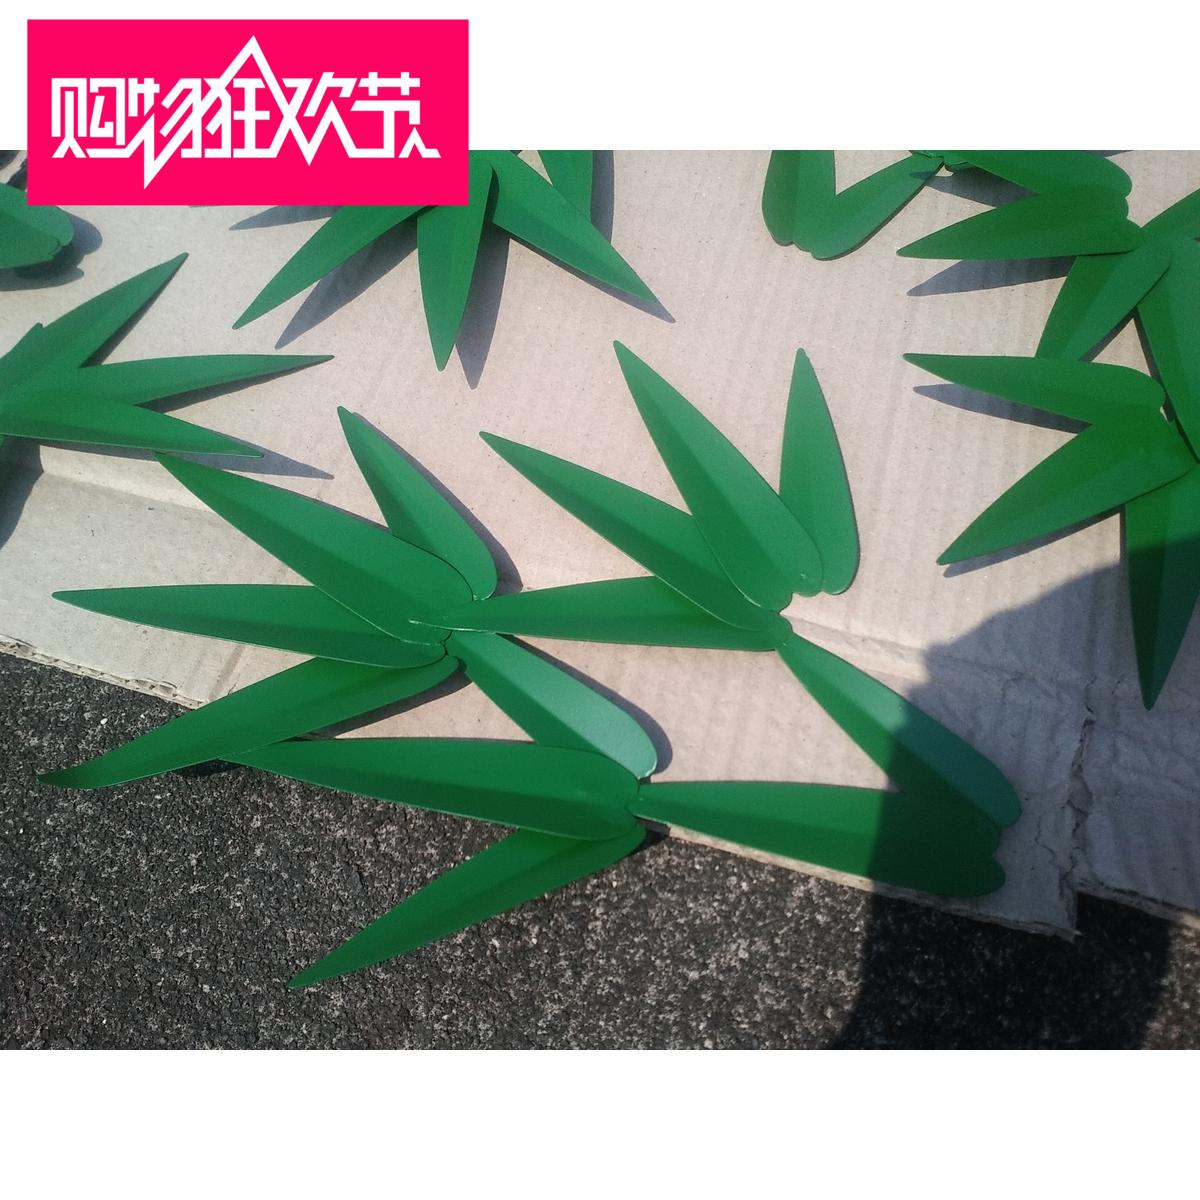 欧式铁艺手工叶片软装壁饰 中式金属竹叶抽象壁挂 酒店会所墙饰图片